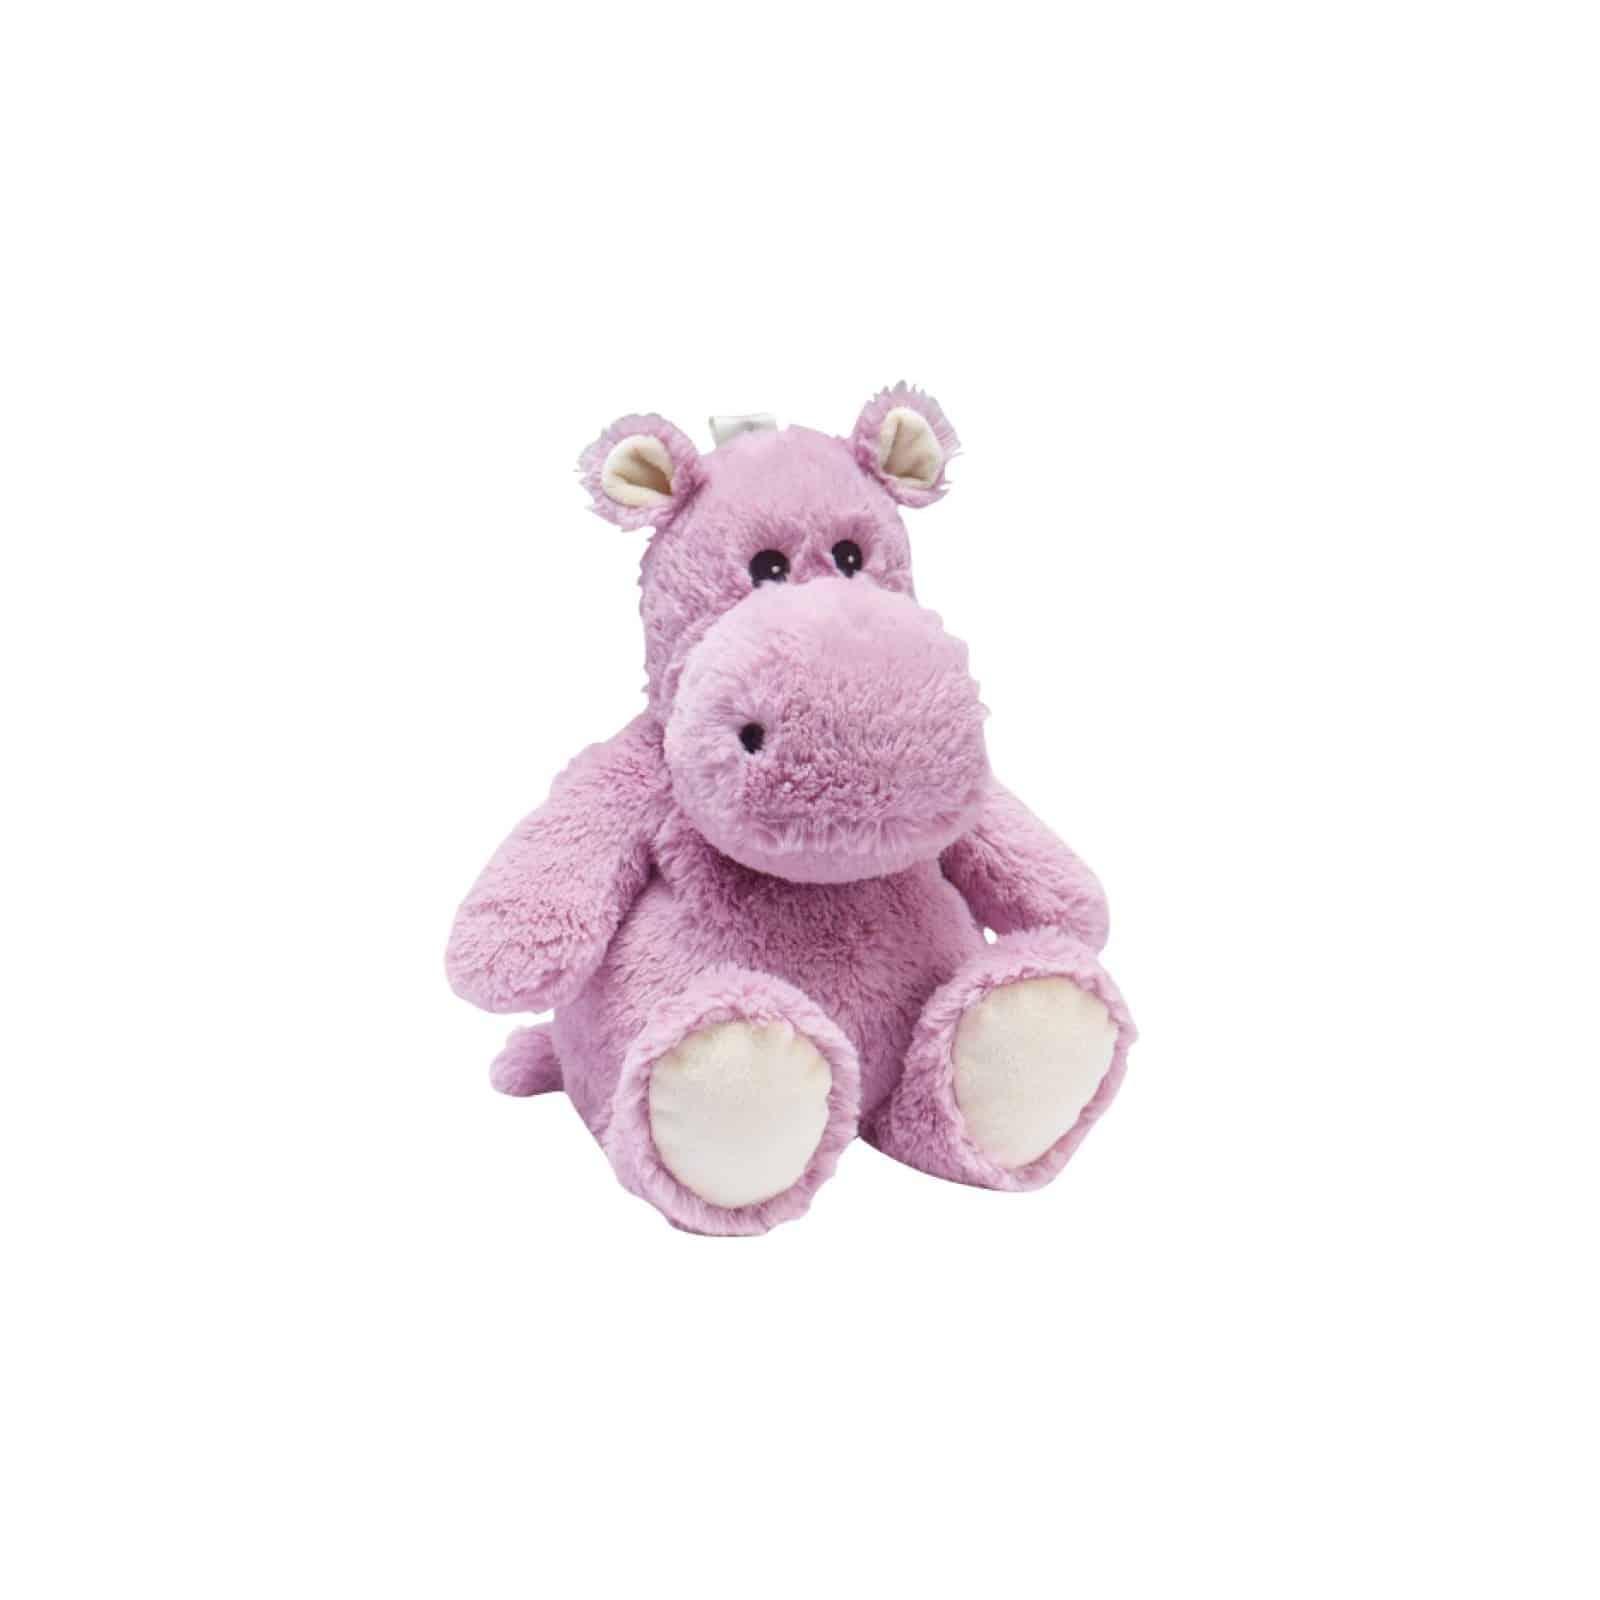 intelex cozy peluche bouillote s che micro onde hippo. Black Bedroom Furniture Sets. Home Design Ideas